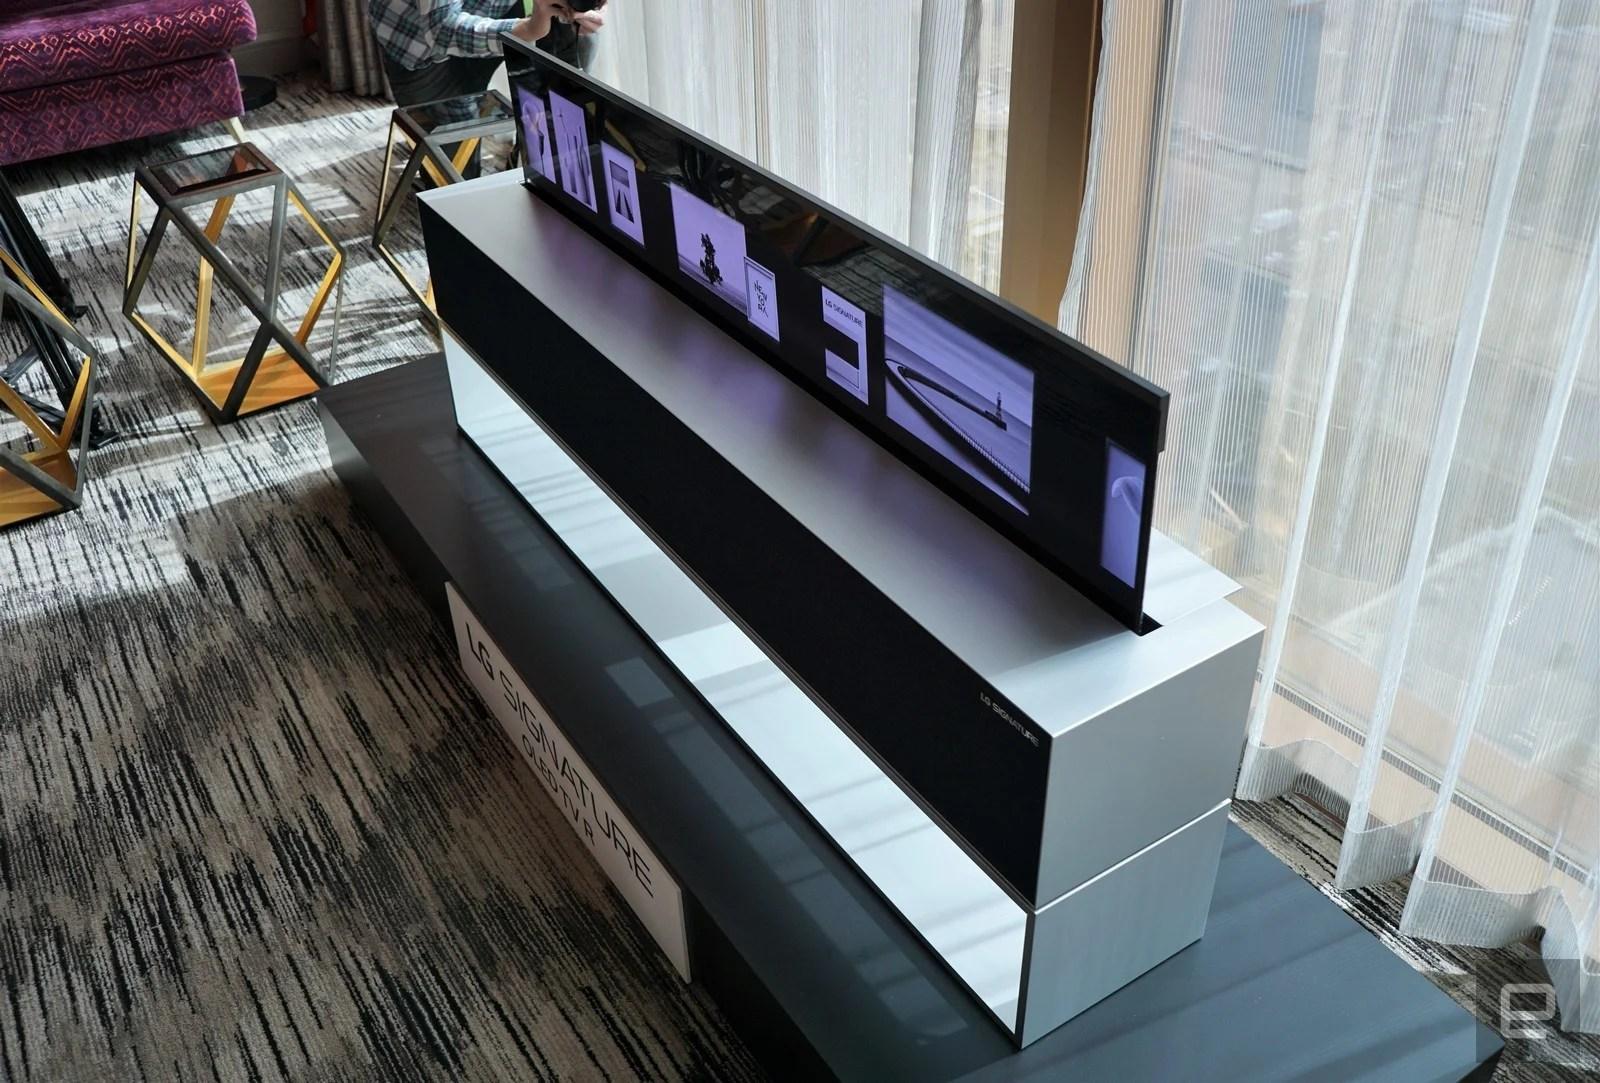 LG Signature OLED TV R : la TV enroulable est une réalité